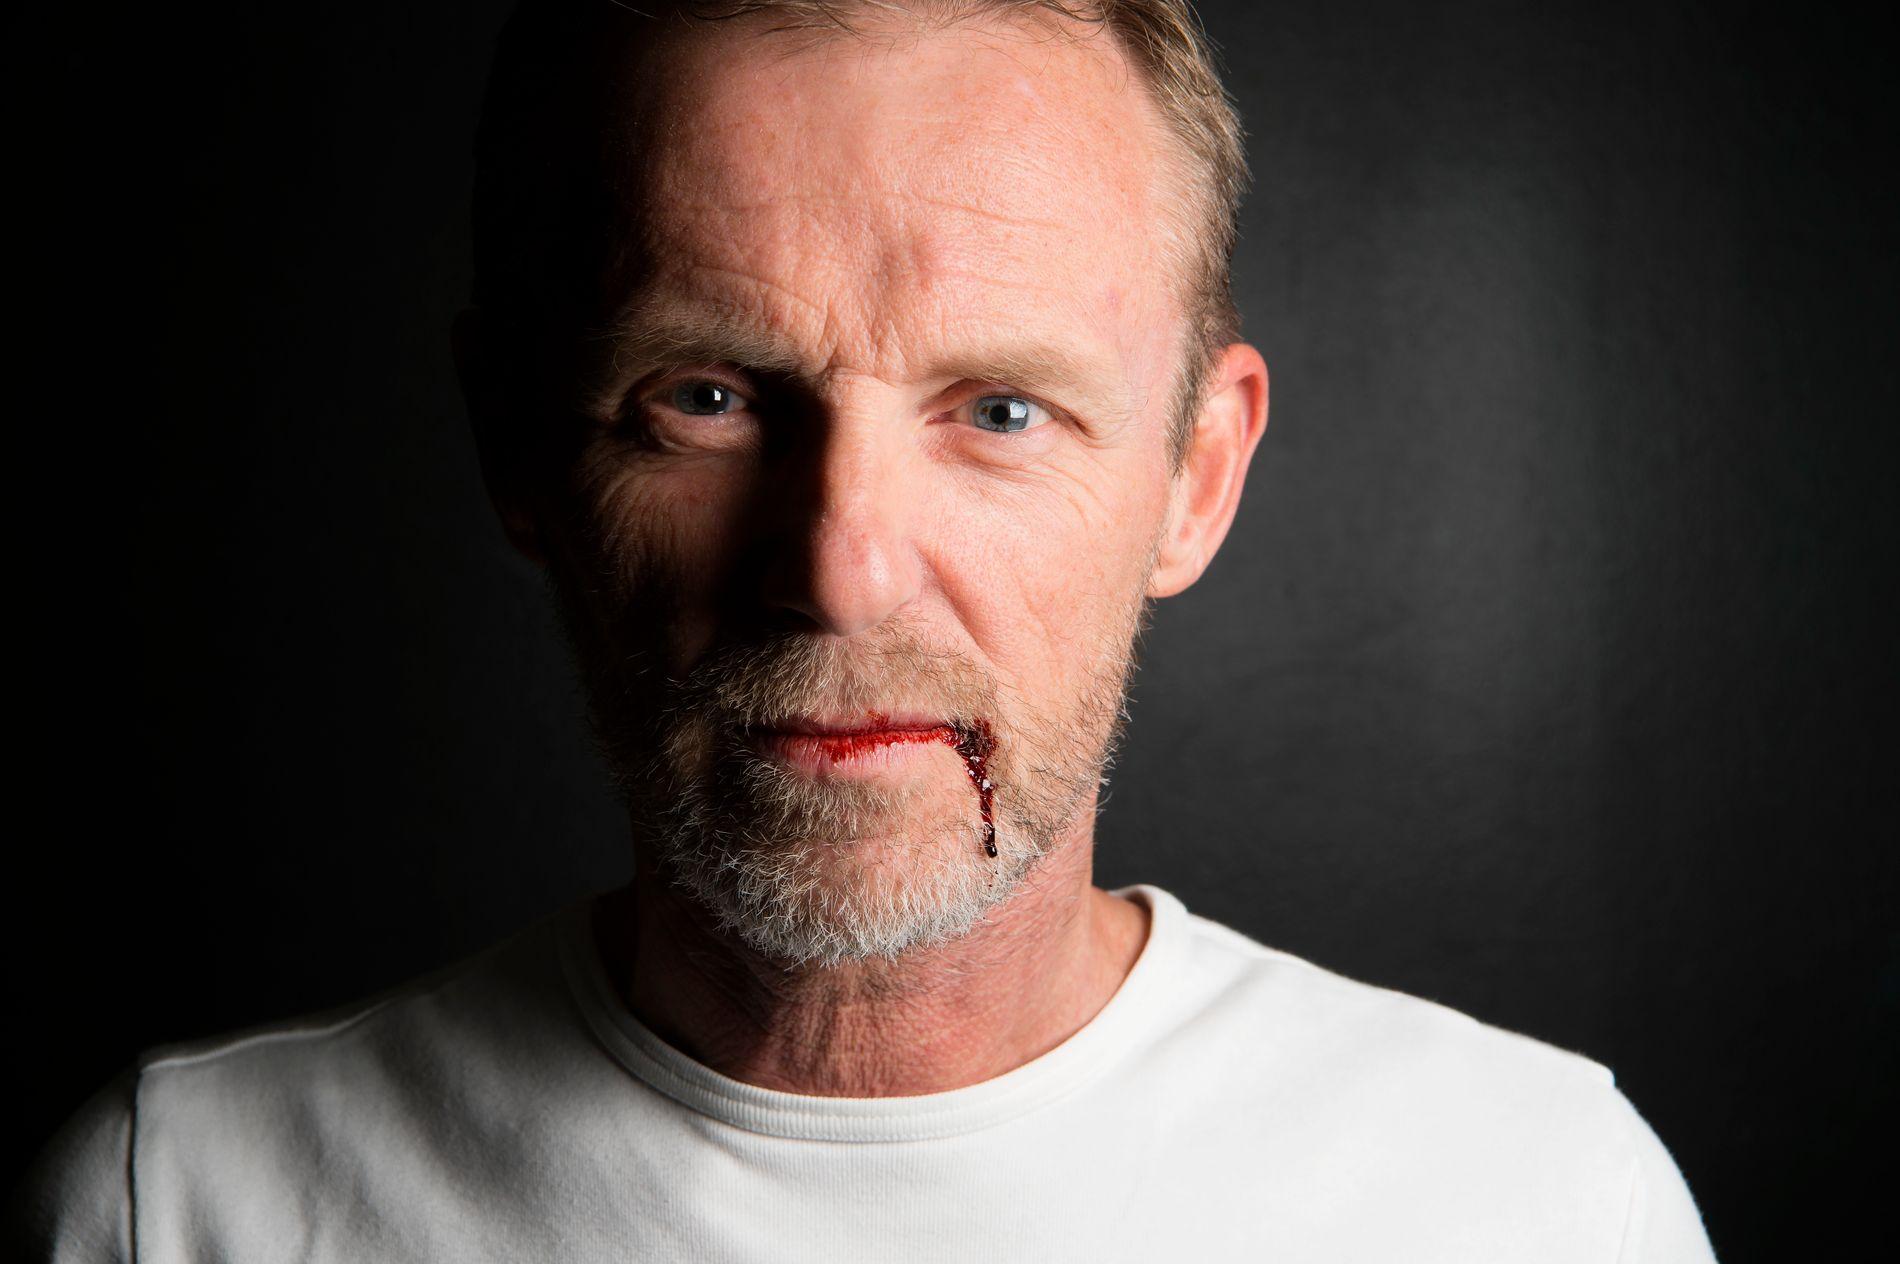 AKTIV: Jo Nesbø avbildet i forbindelse med sin nye bok om Harry Hole, 20 år etter at første boken kom: «Tørst».